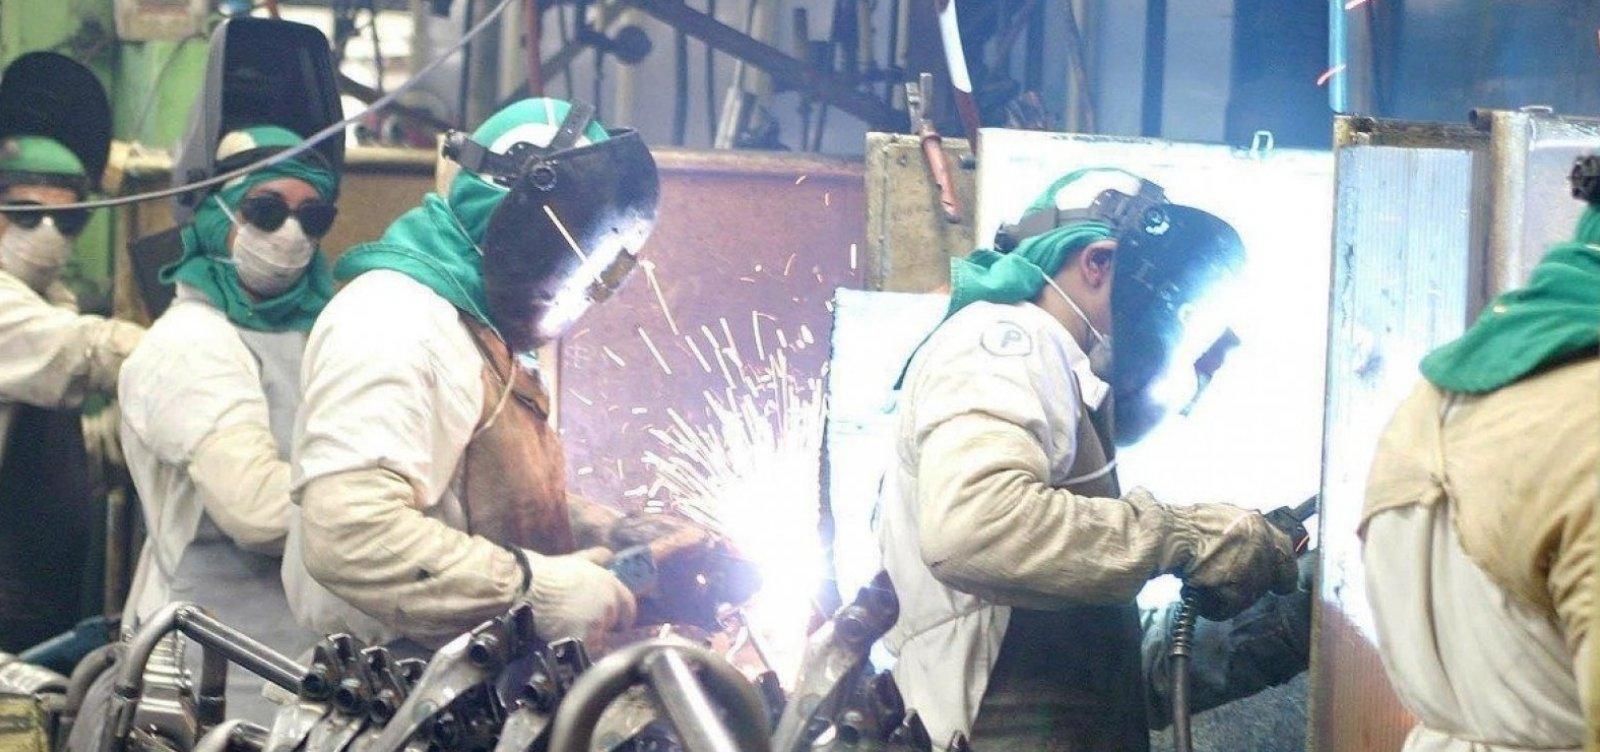 Confiança da indústria recua 2 pontos em outubro, segundo FGV